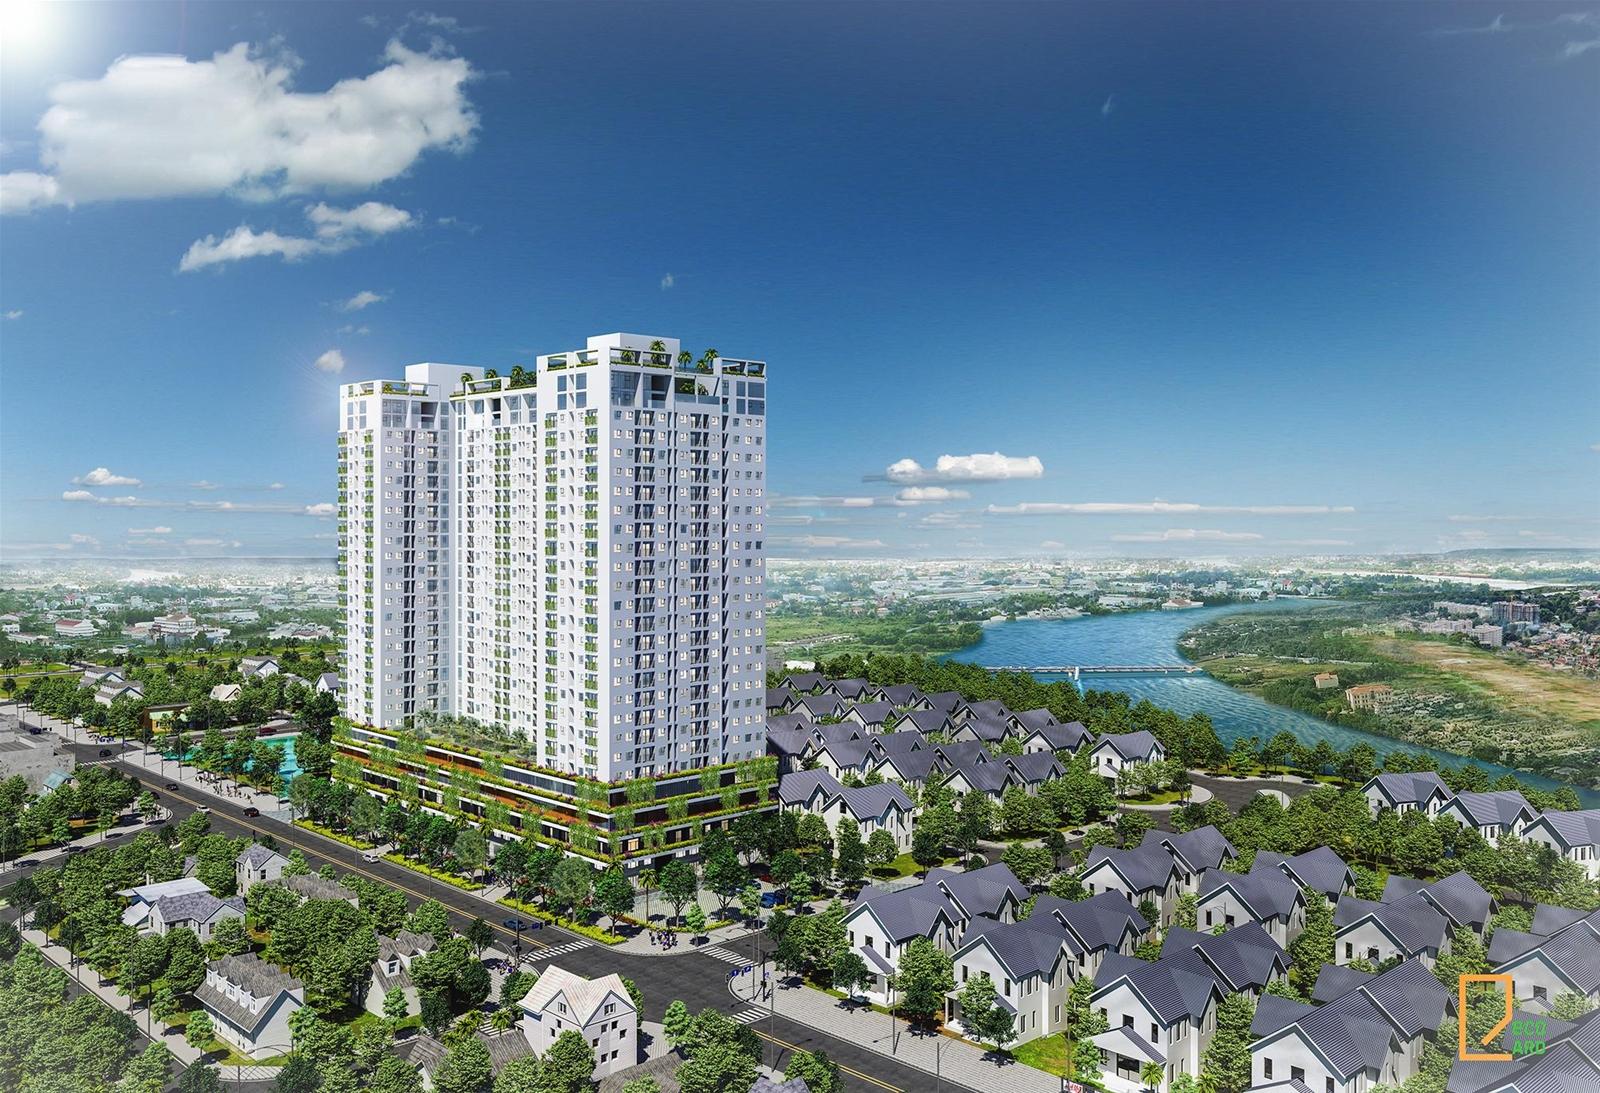 Căn hộ chung cư Quy Nhơn – xu hướng homestay kiểu mới